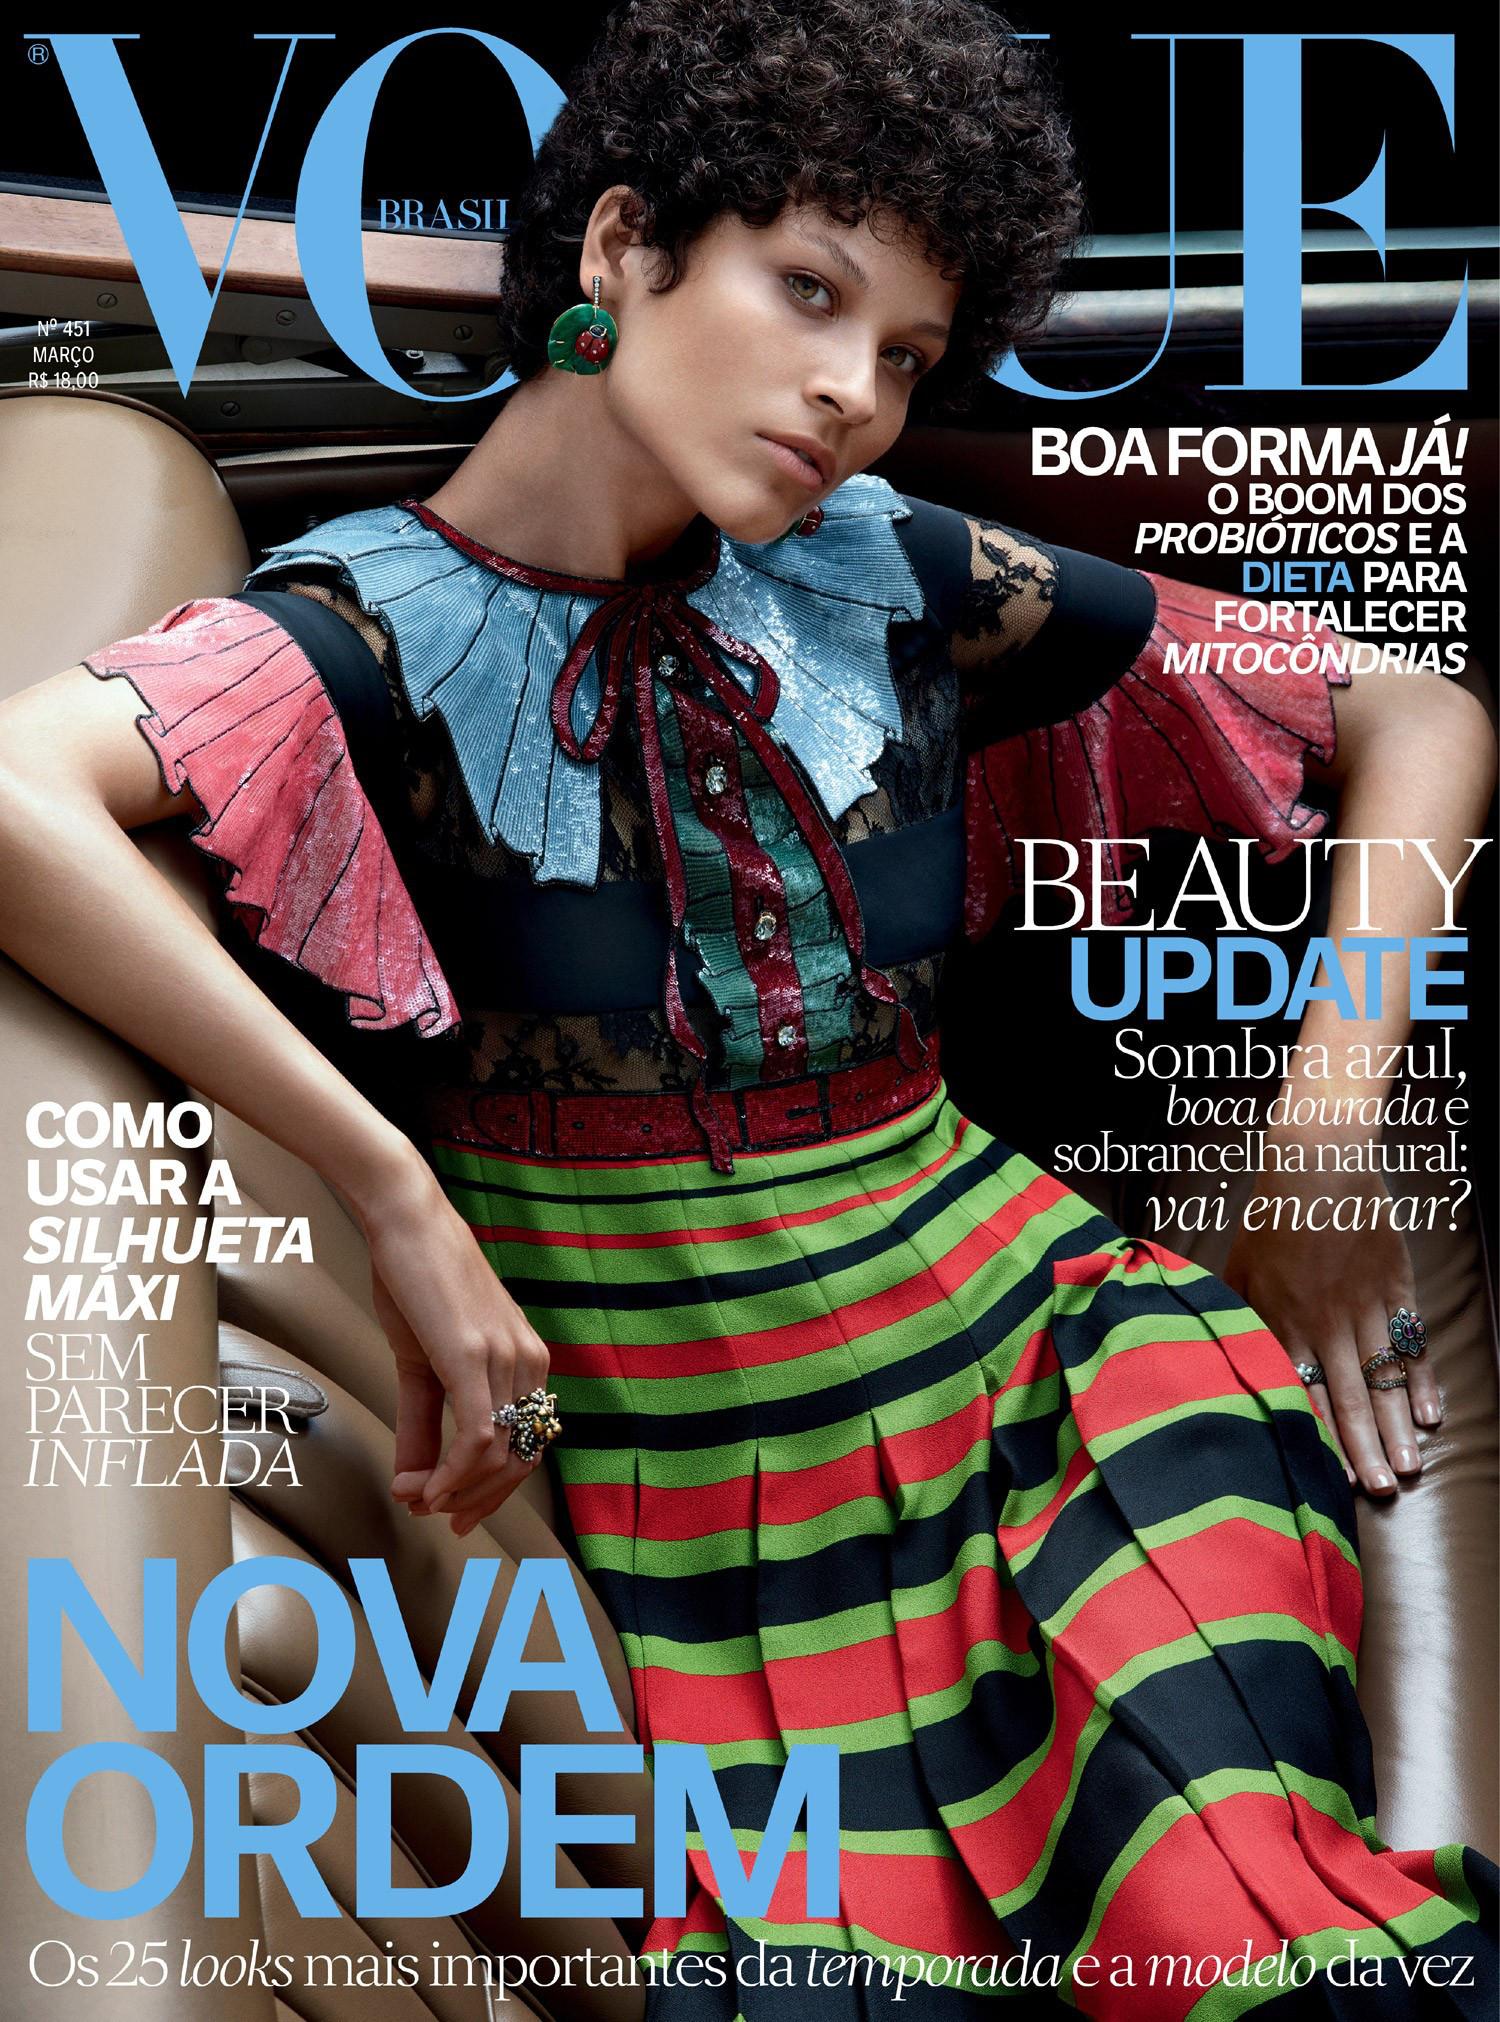 Jessie-Dib-Press-Vogue-Brazil-March-2016-cover